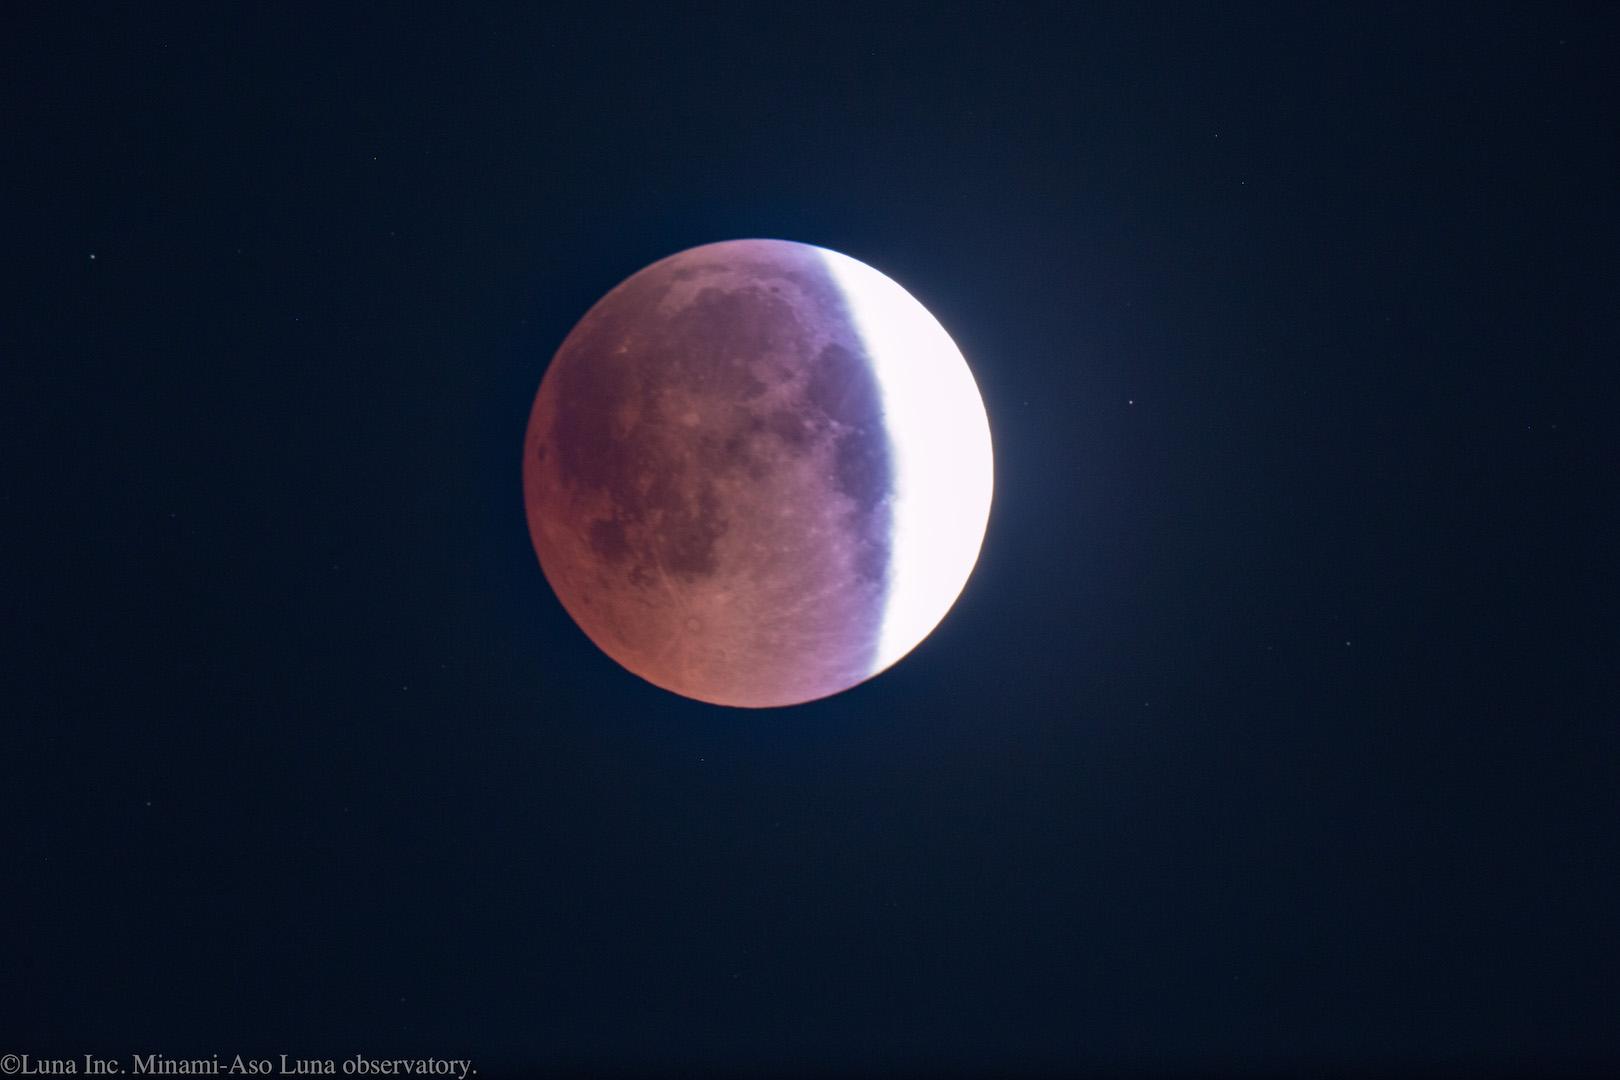 地球の影の影響で、向かって左側は赤く染まっています!